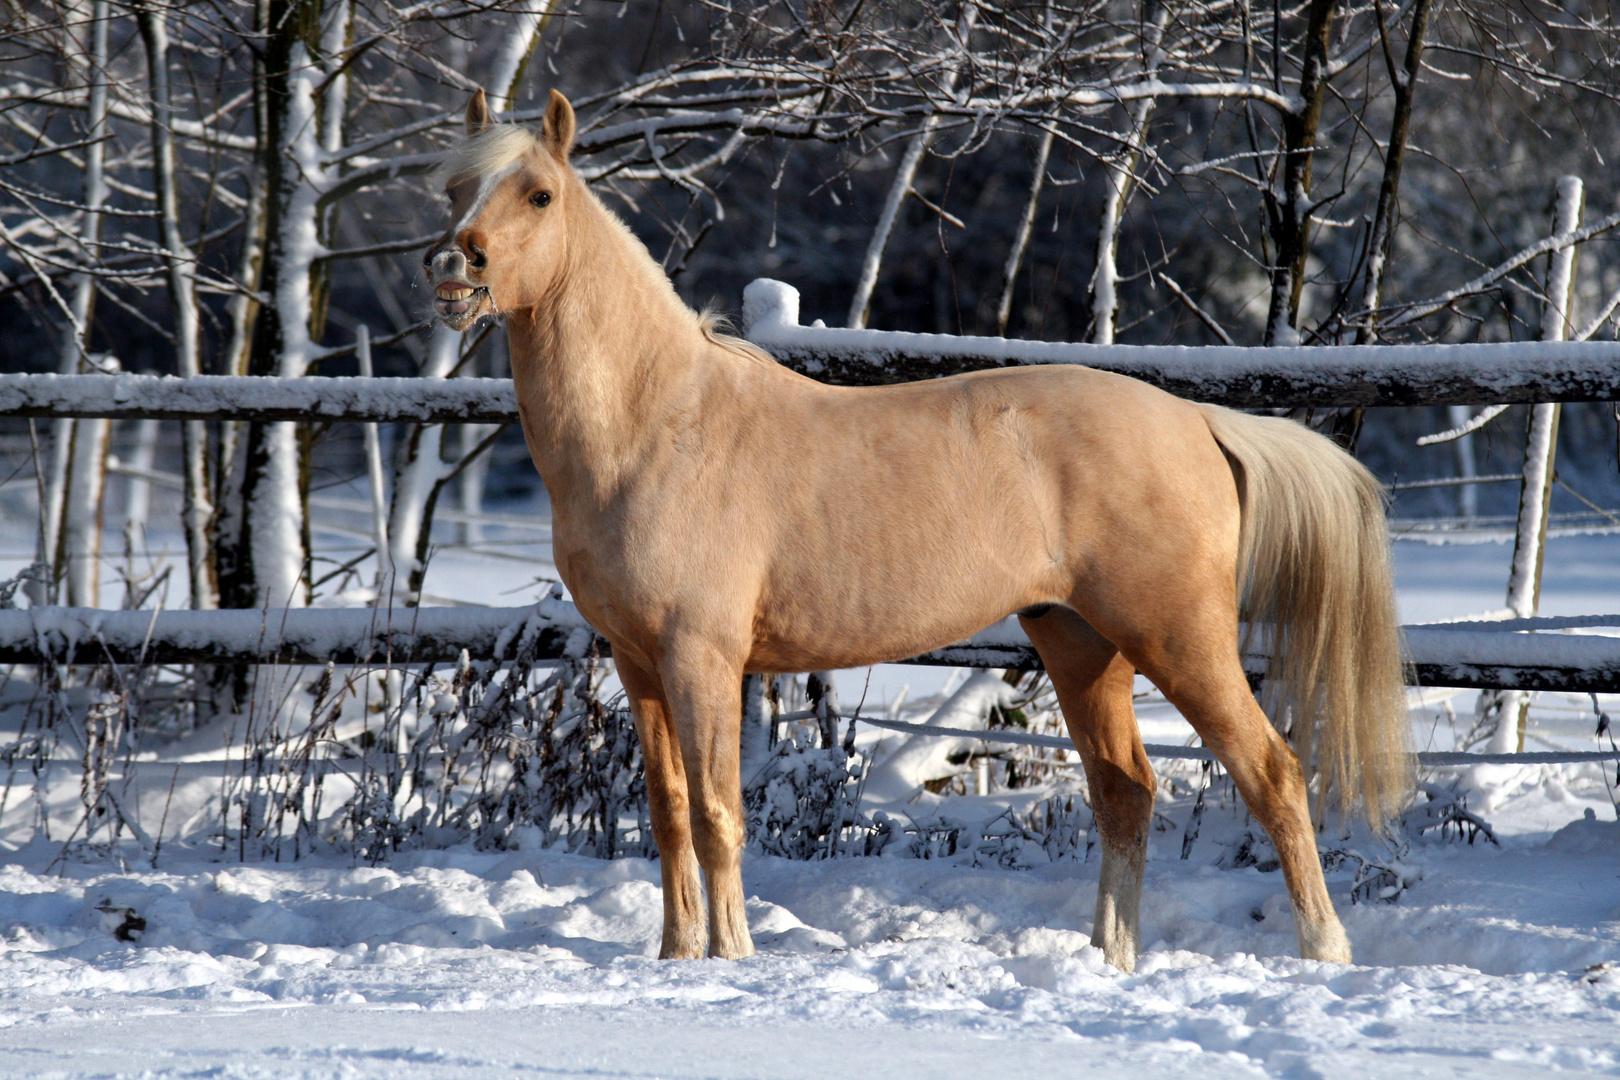 zeig mir deine z hne und ich sag dir wie alt du bist foto bild tiere haustiere pferde. Black Bedroom Furniture Sets. Home Design Ideas